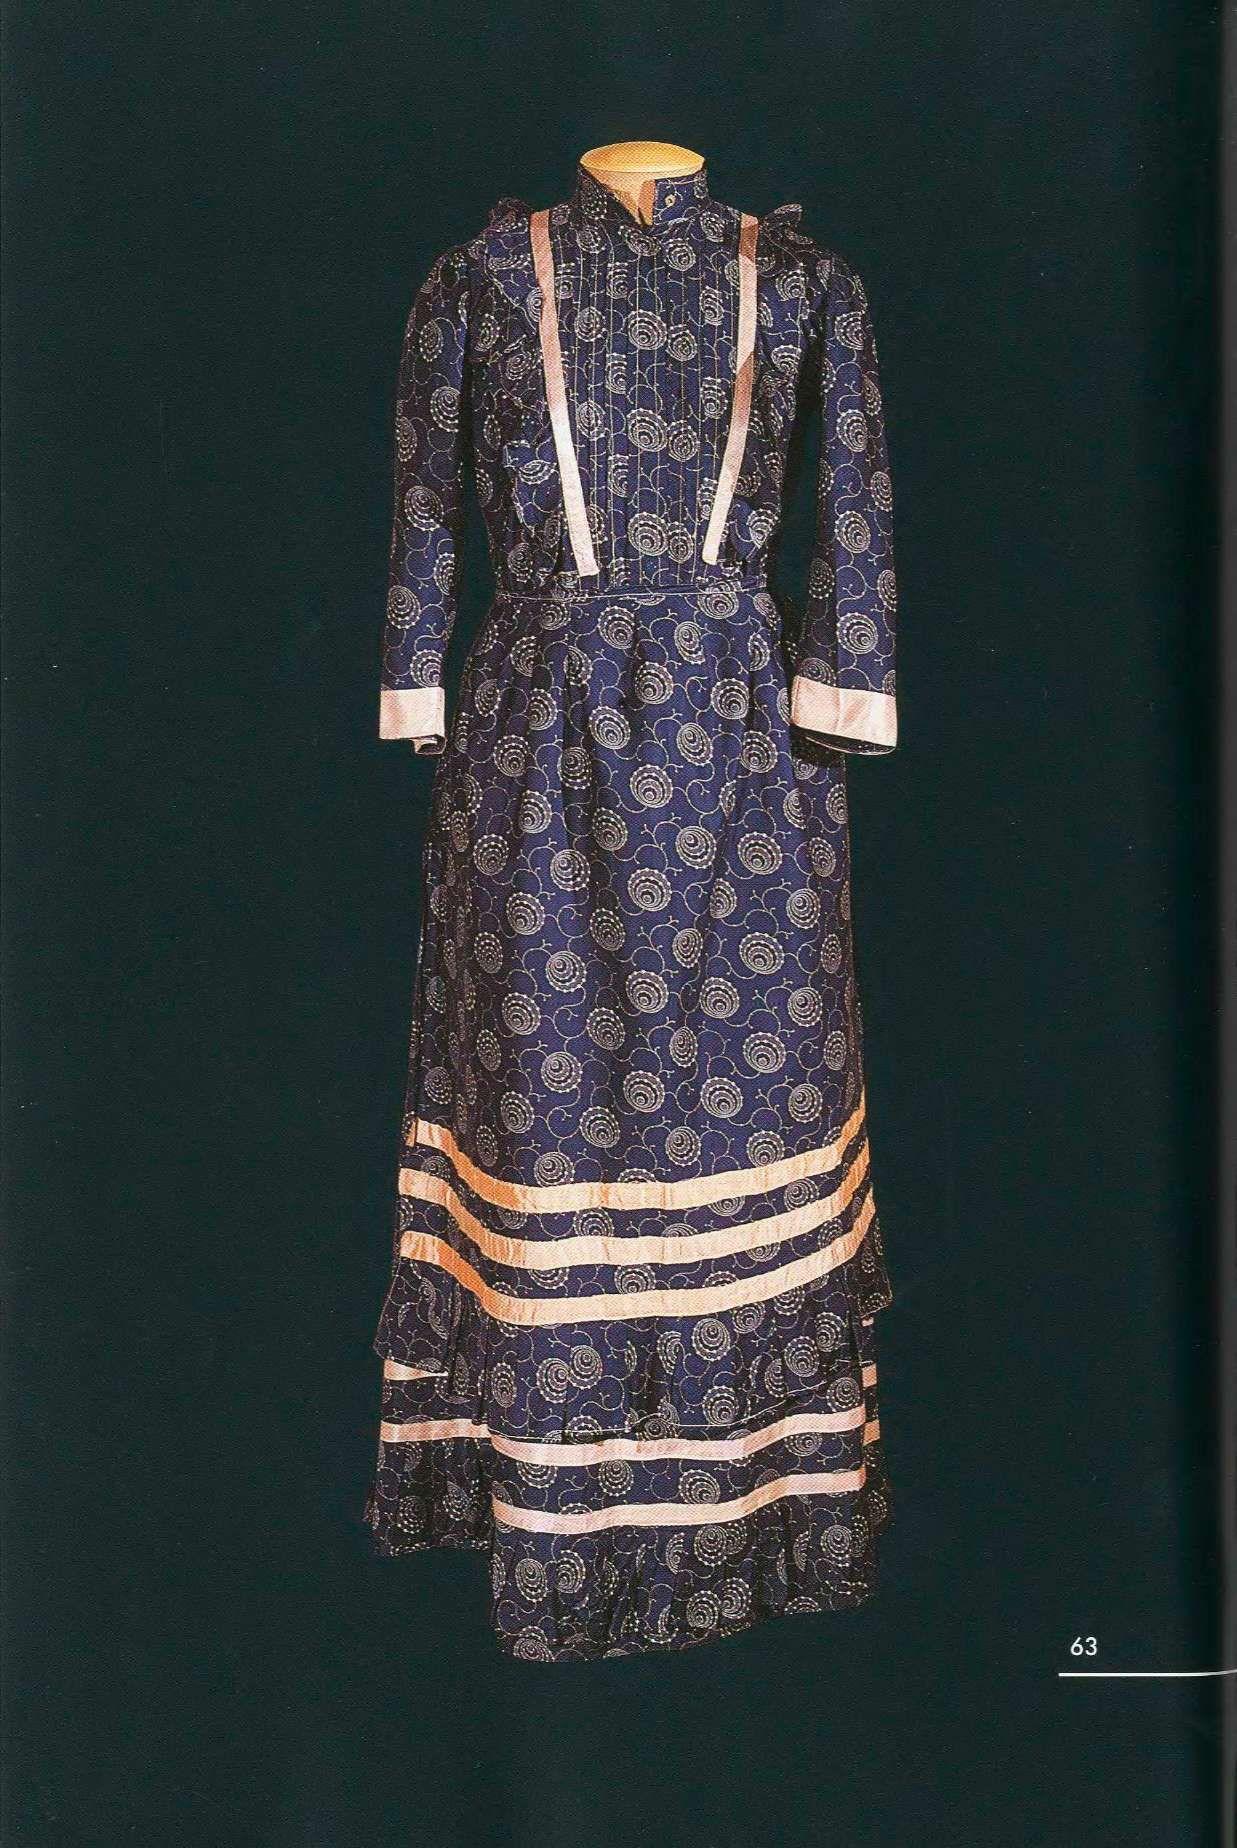 Праздничный женский костюм (длина кофты - 49 см, длина юбки - 99 см, длина фартука - 86 см ). Начало XX века. Олонецкая губерния